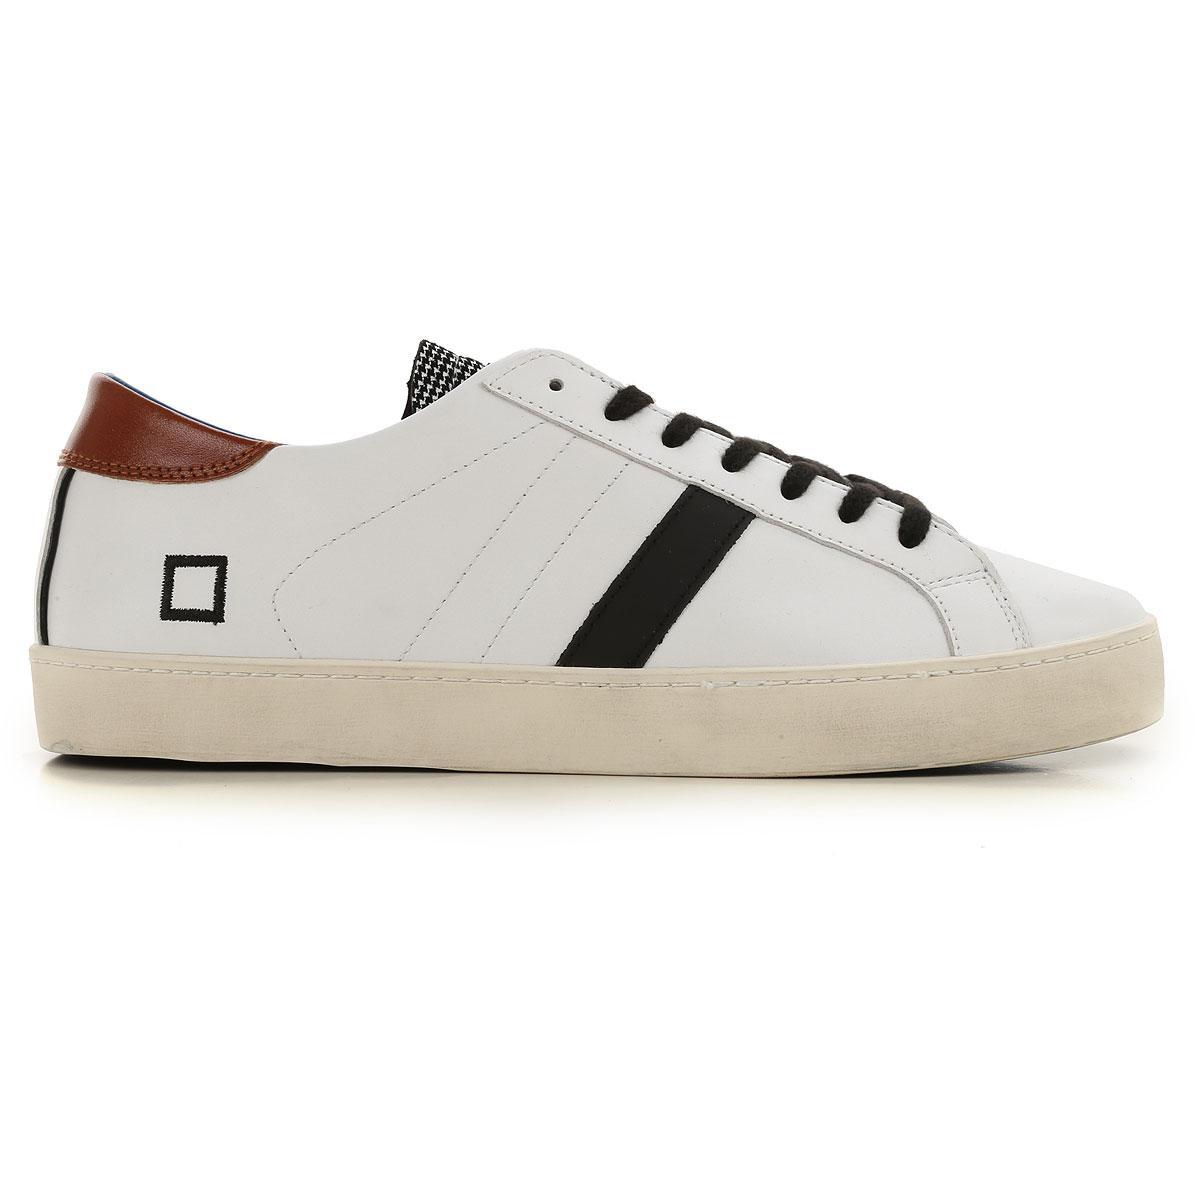 Sneaker Homme Pas cher en Soldes Date pour homme en coloris White